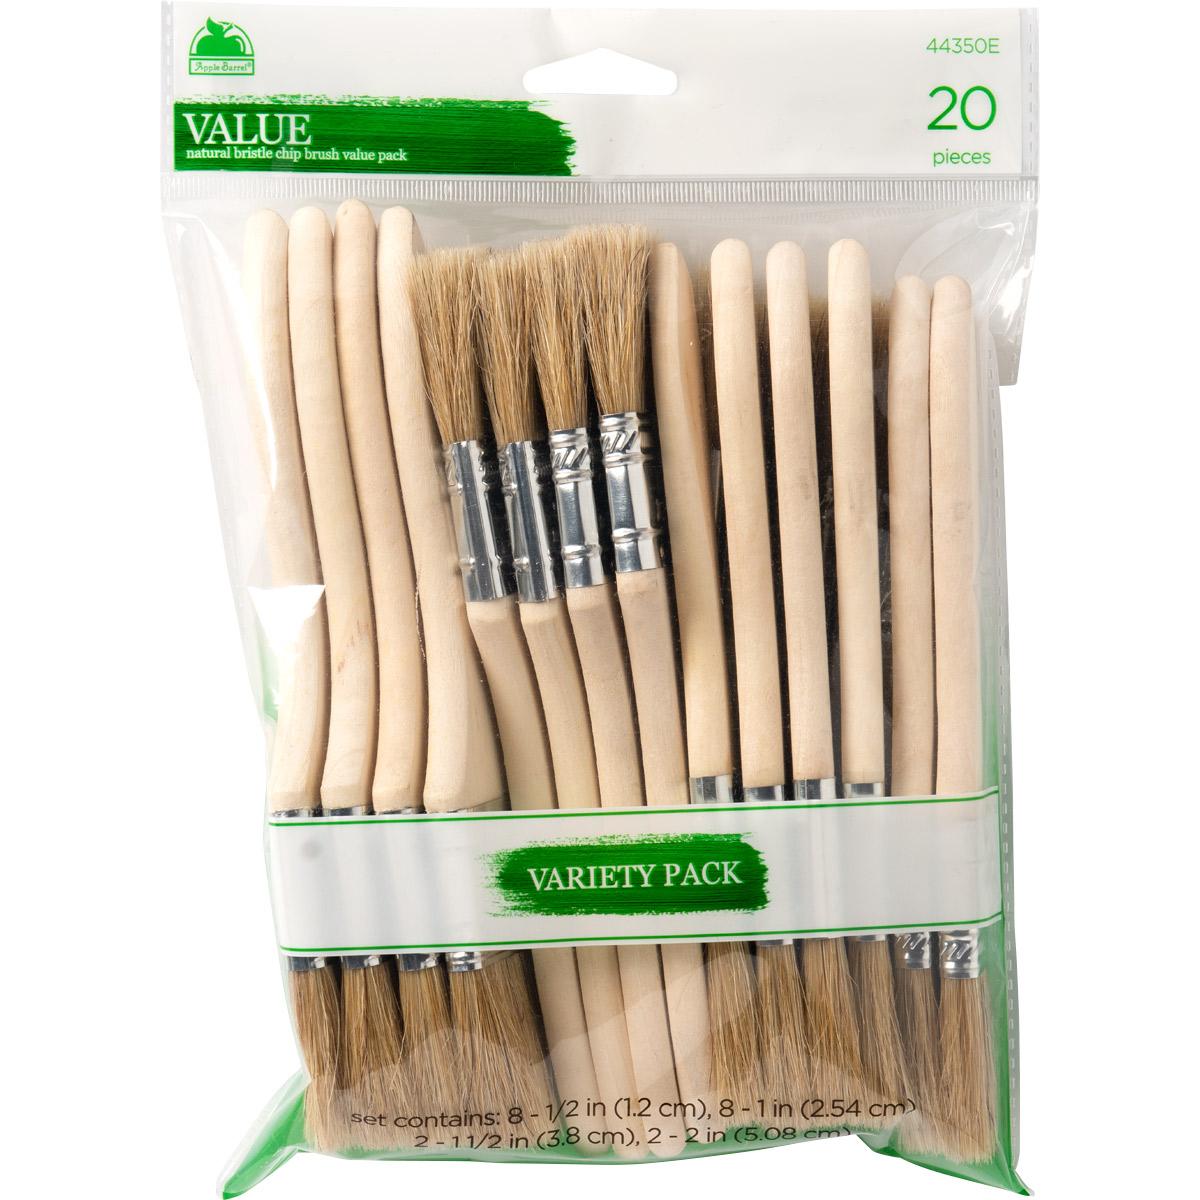 Apple Barrel ® Brush Sets - Chip Brush Value Set, 20 pc. - 44350E